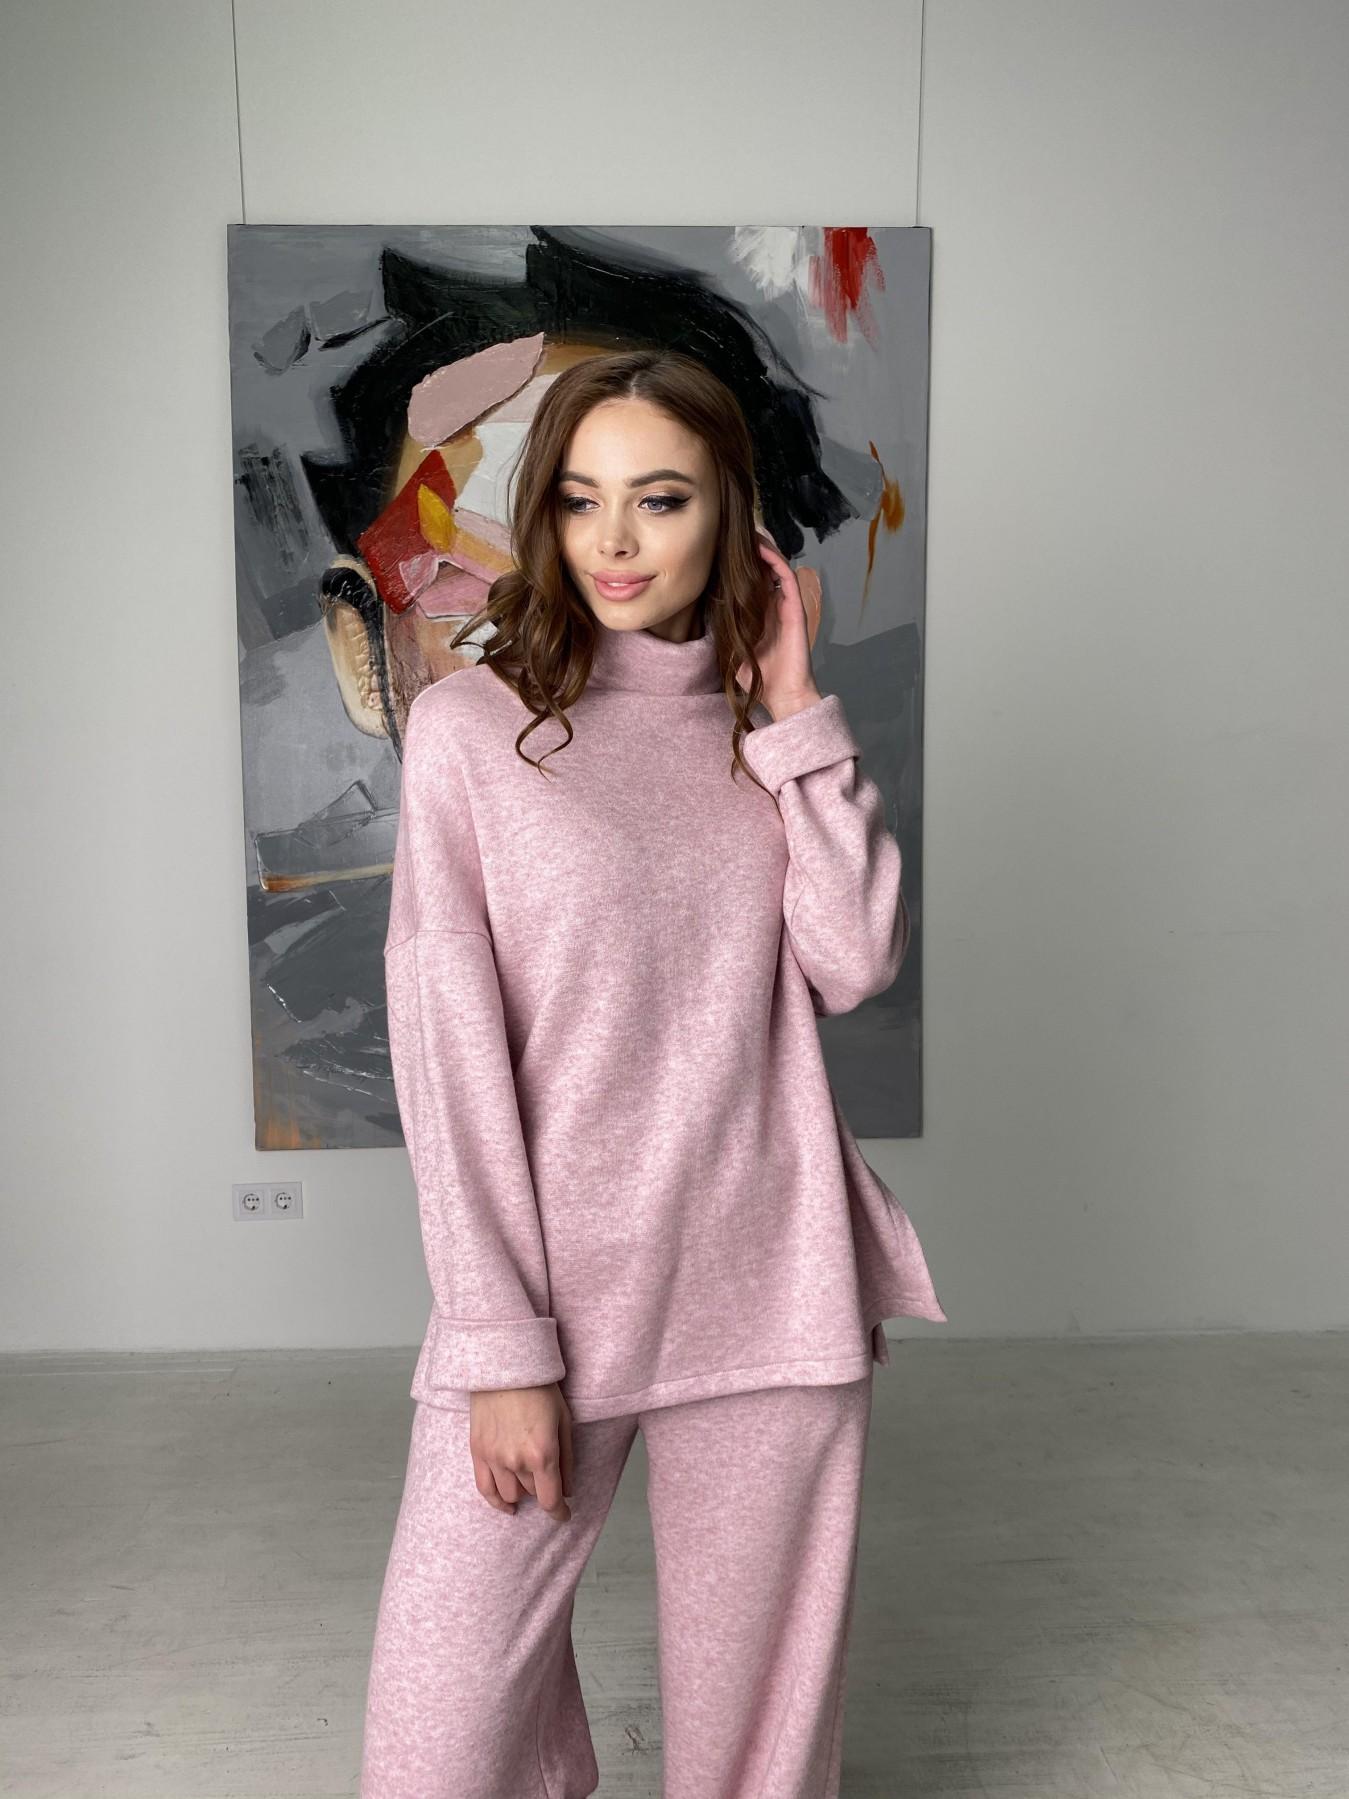 Лав Ю костюм из ангоры 10531 АРТ. 46872 Цвет: Розовый 2 меланж - фото 11, интернет магазин tm-modus.ru